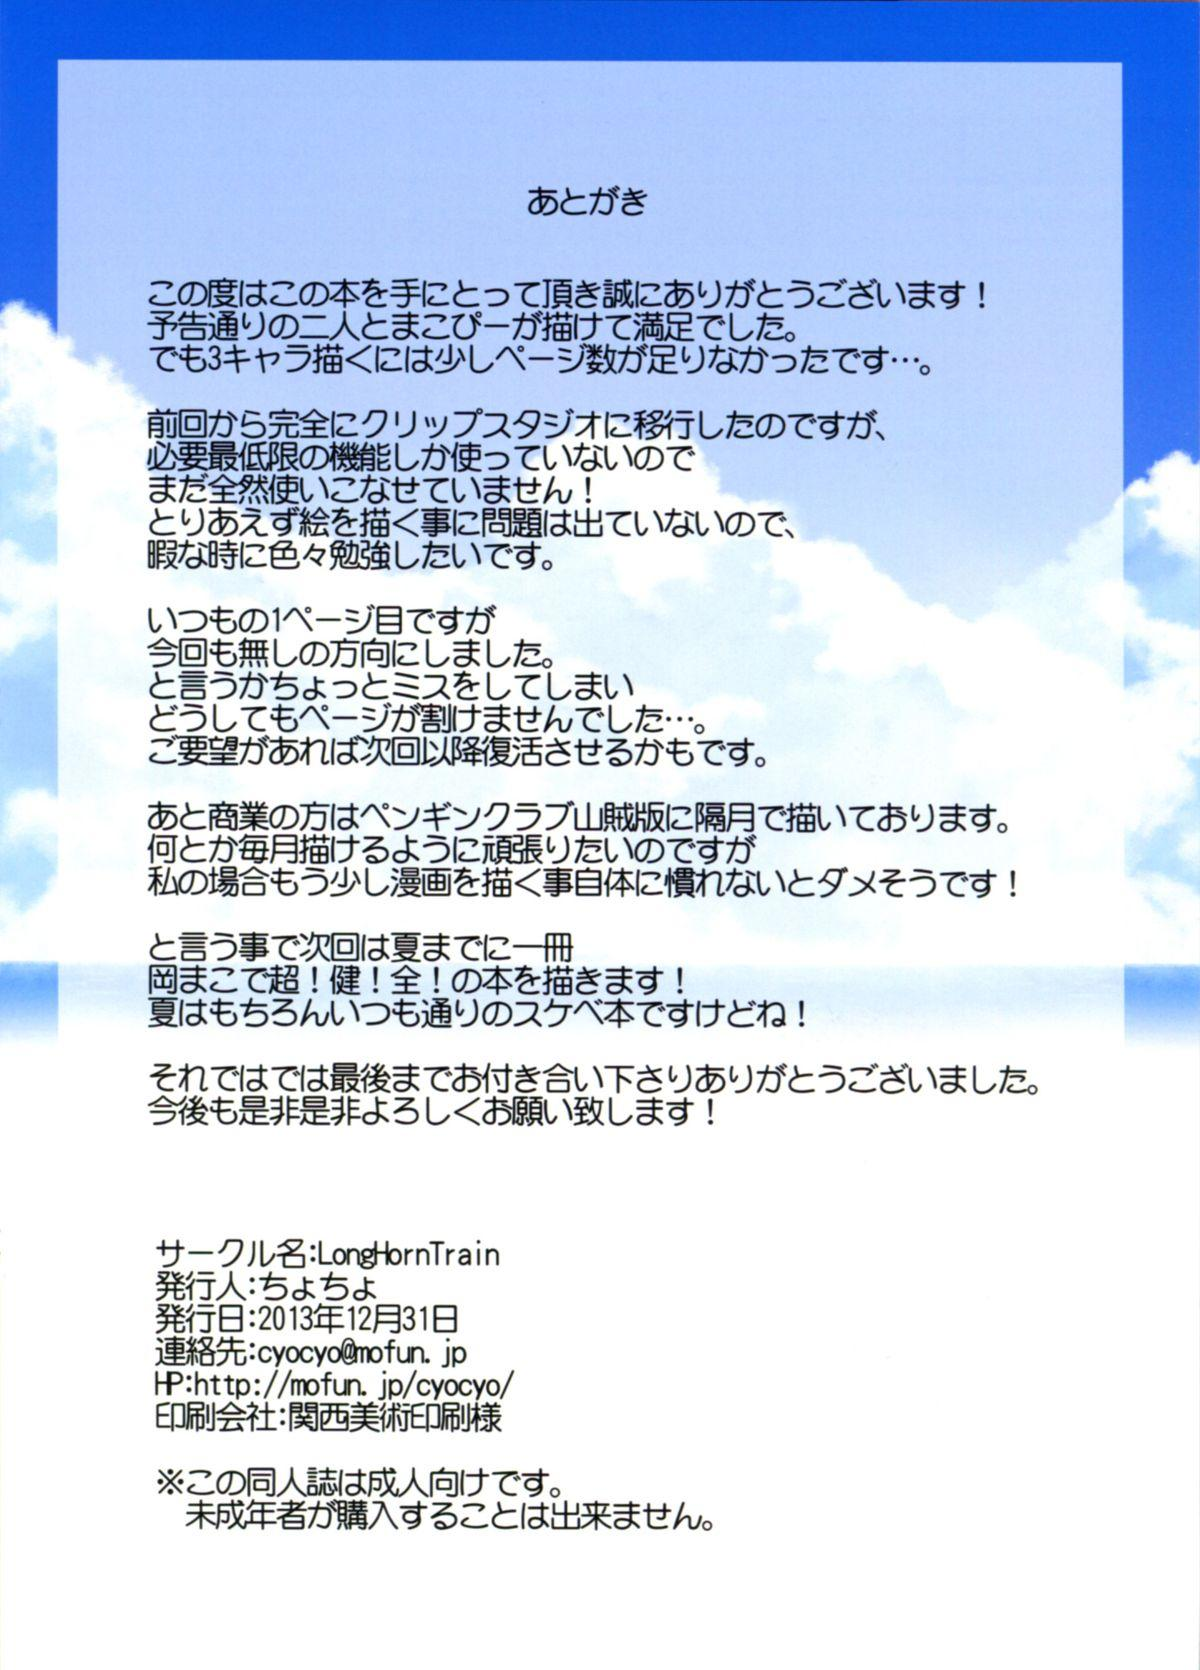 Hirameke! Megami no Love Kiss Wand 24